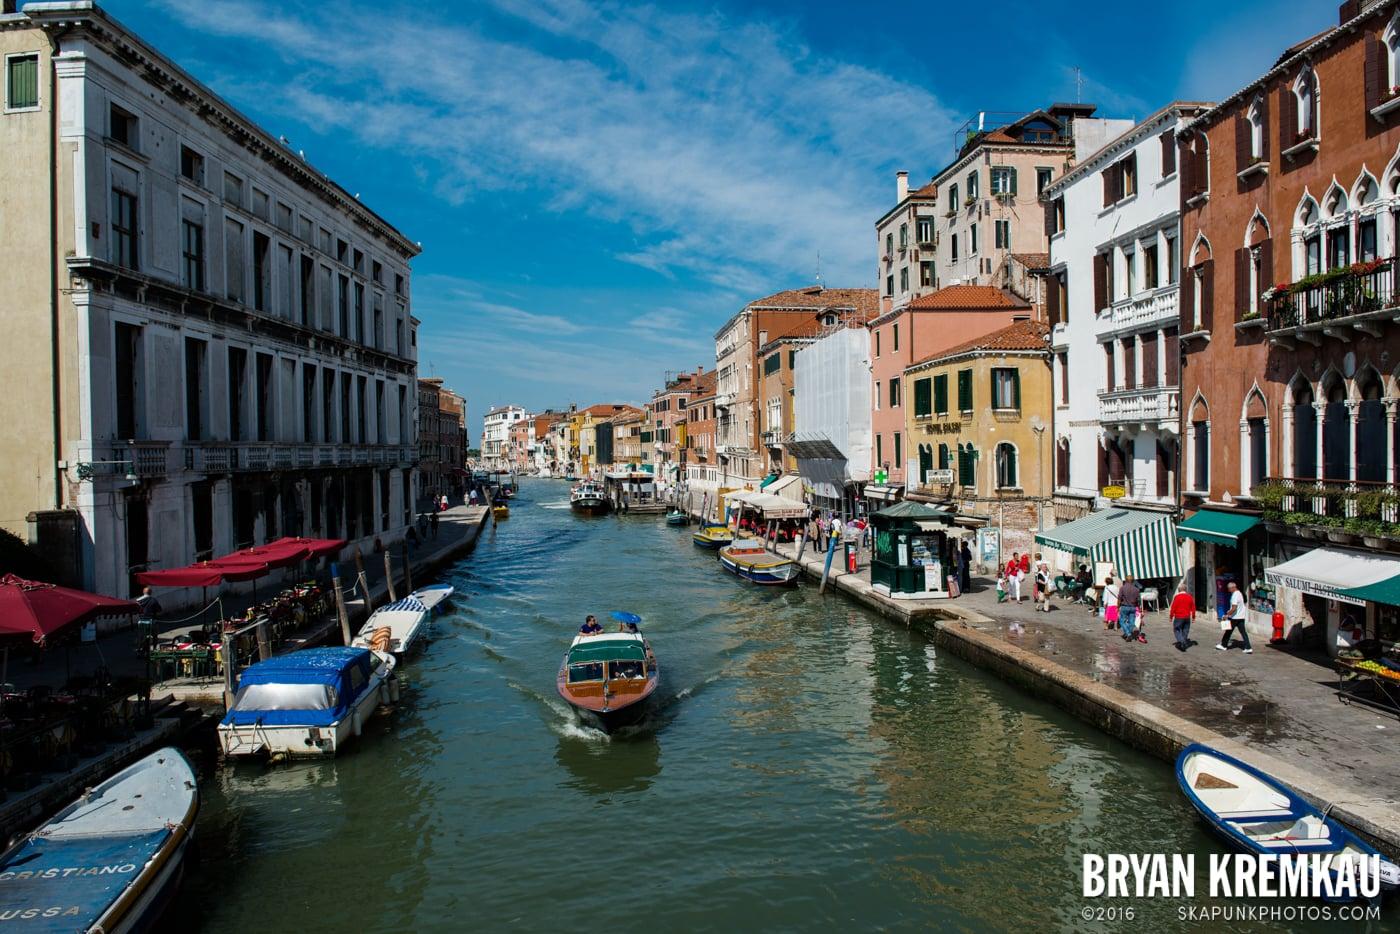 Italy Vacation - Day 5: Venice - 9.13.13 (57)